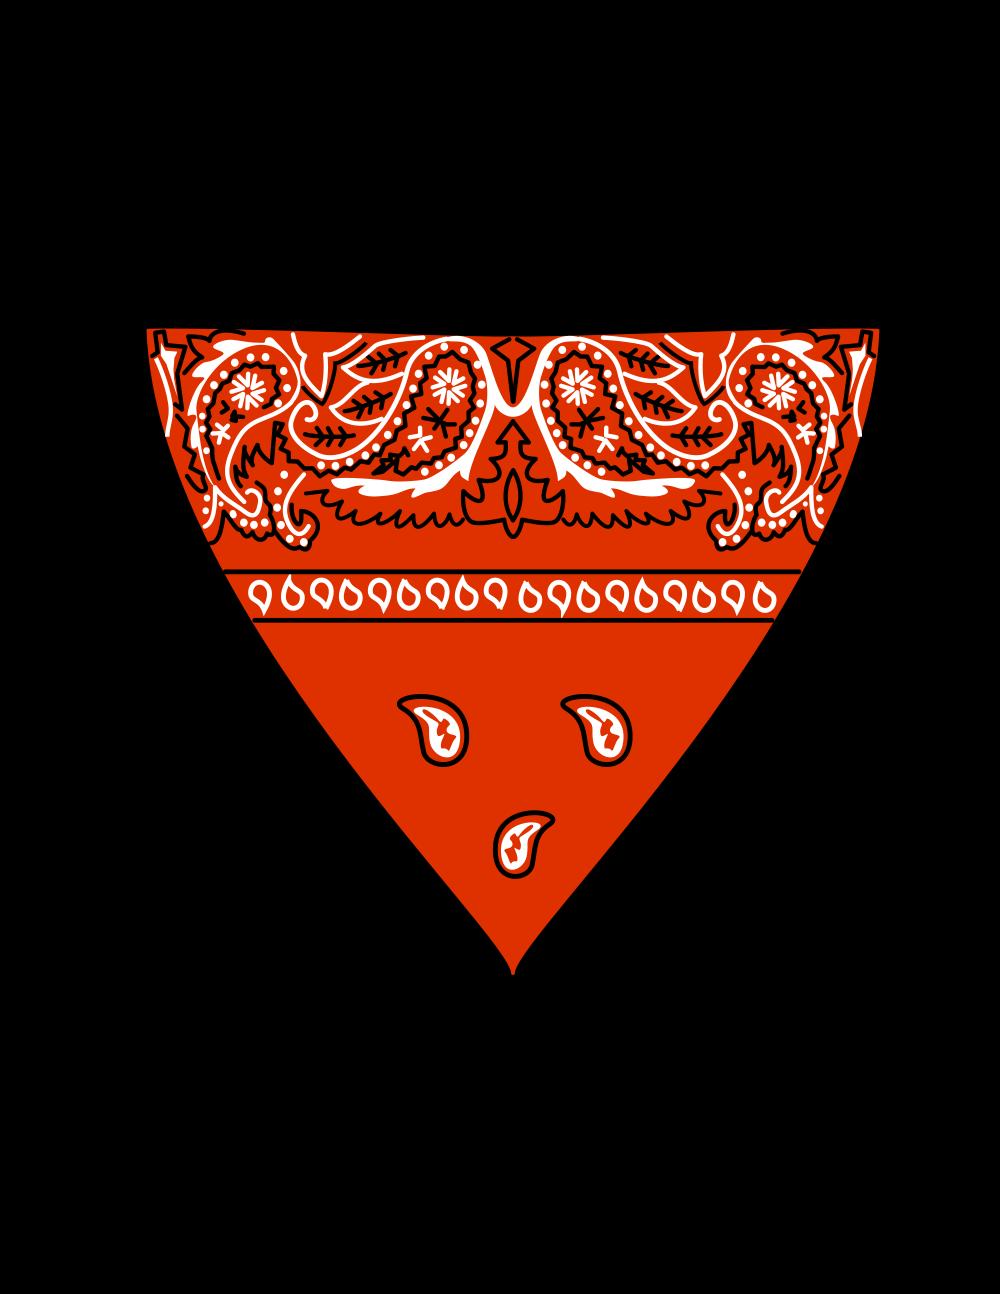 OnlineLabels Clip Art - Red Bandana